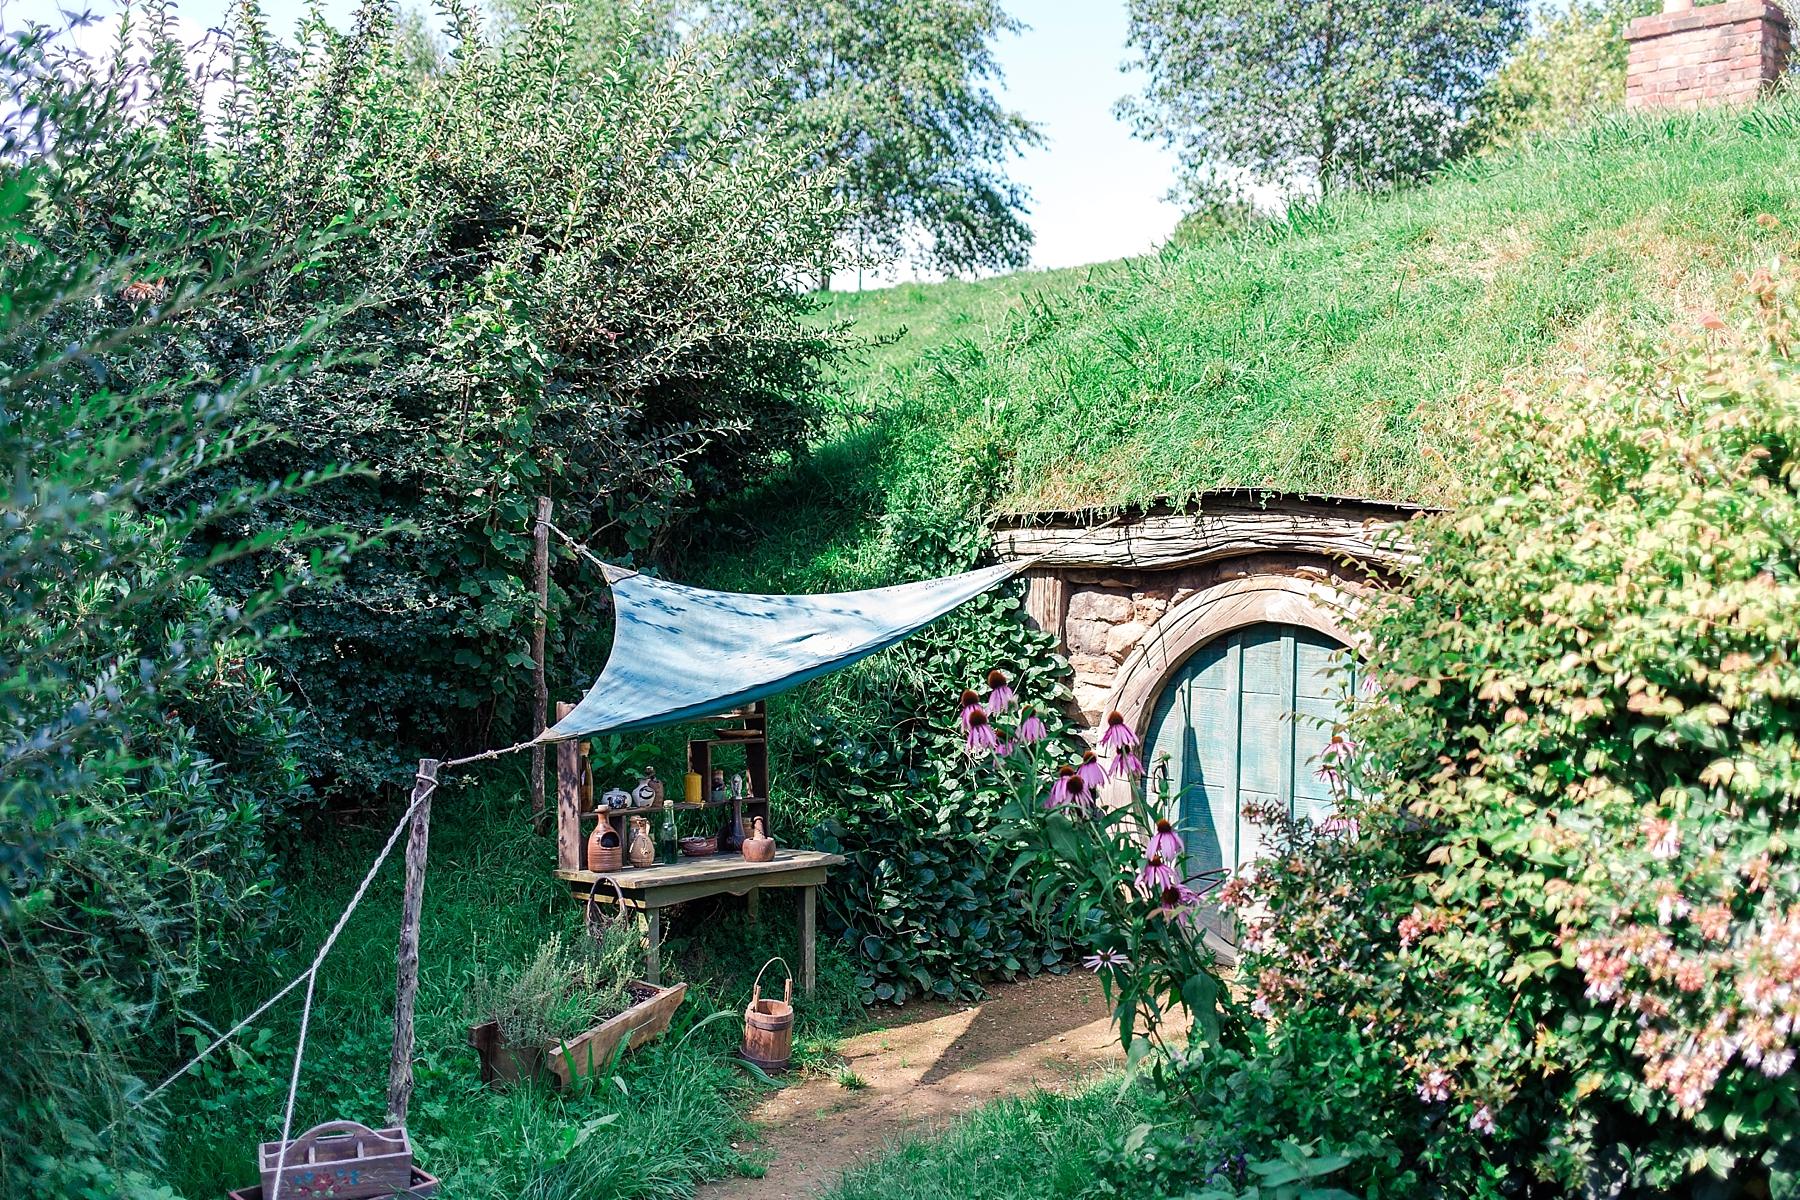 hobbiton-movie-set-matamata-hamilton-north-island-new-zealand-scenery_0239.jpg